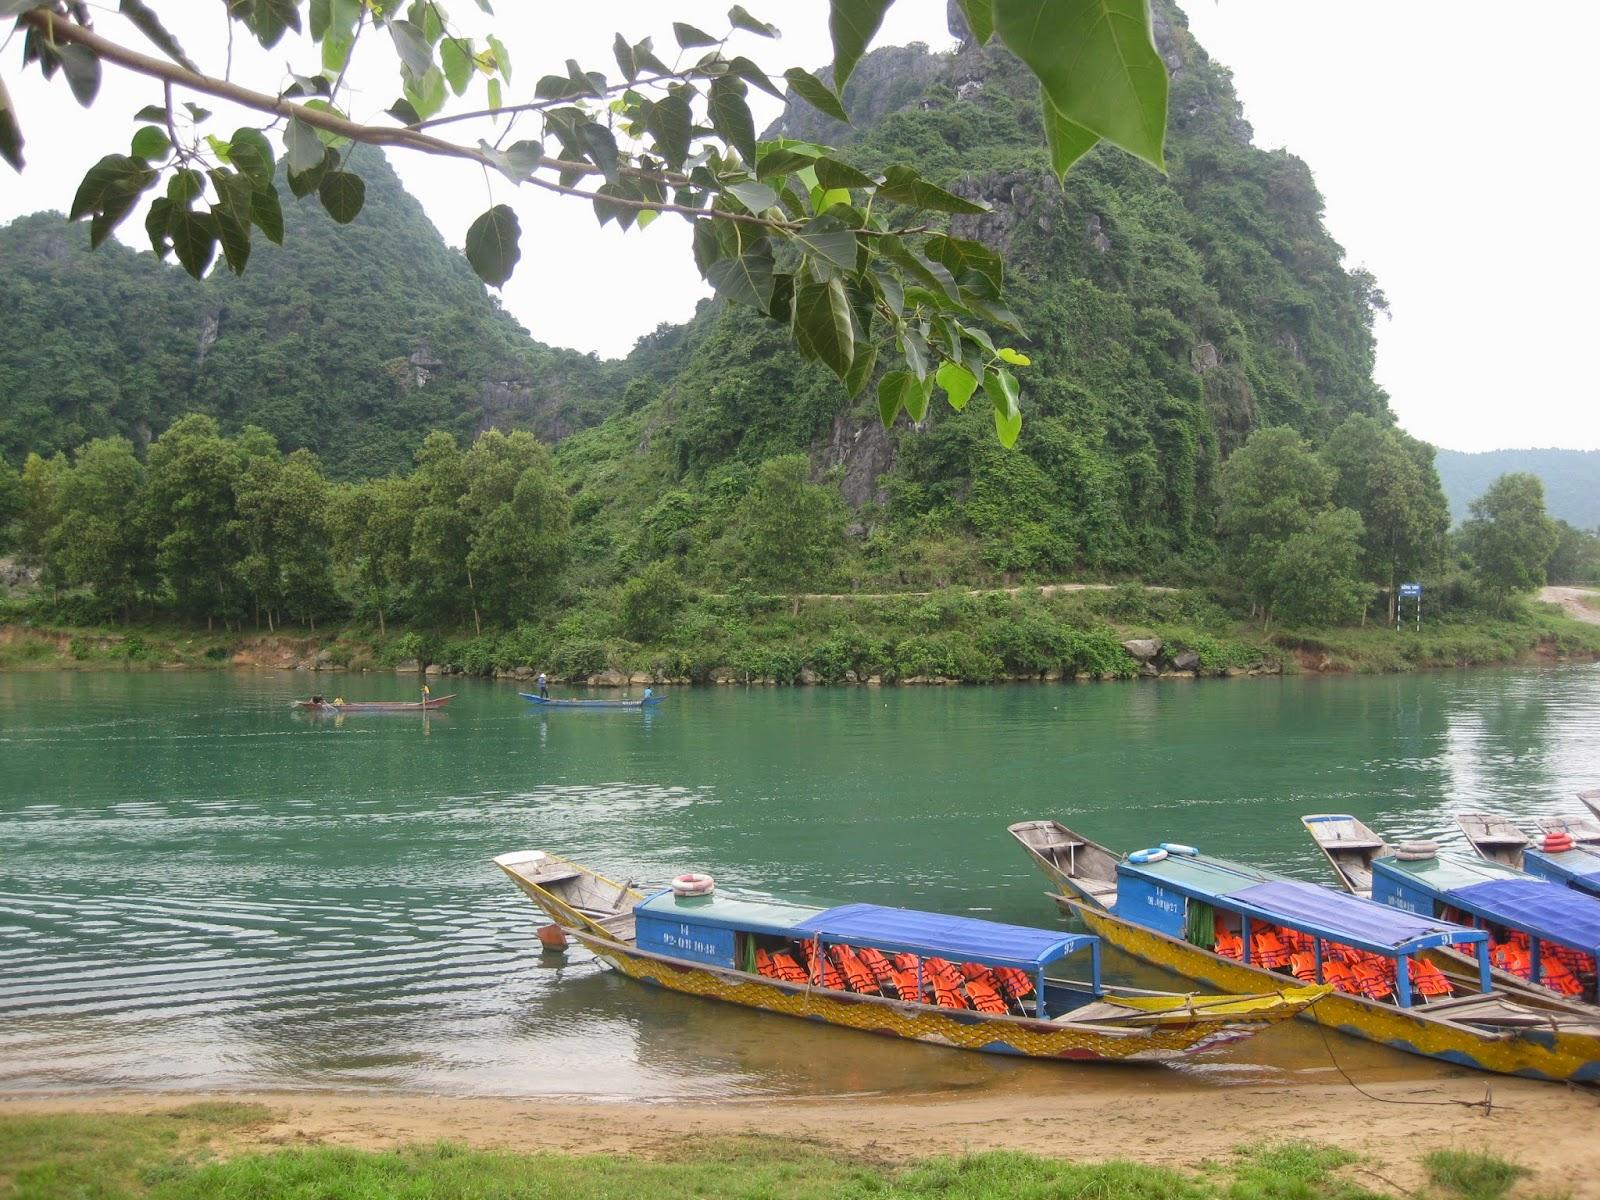 Quảng Bình - Vũng Chùa - Đảo Yến - Phong Nha - Động Tiên Sơn 3 ngày 4 đêm